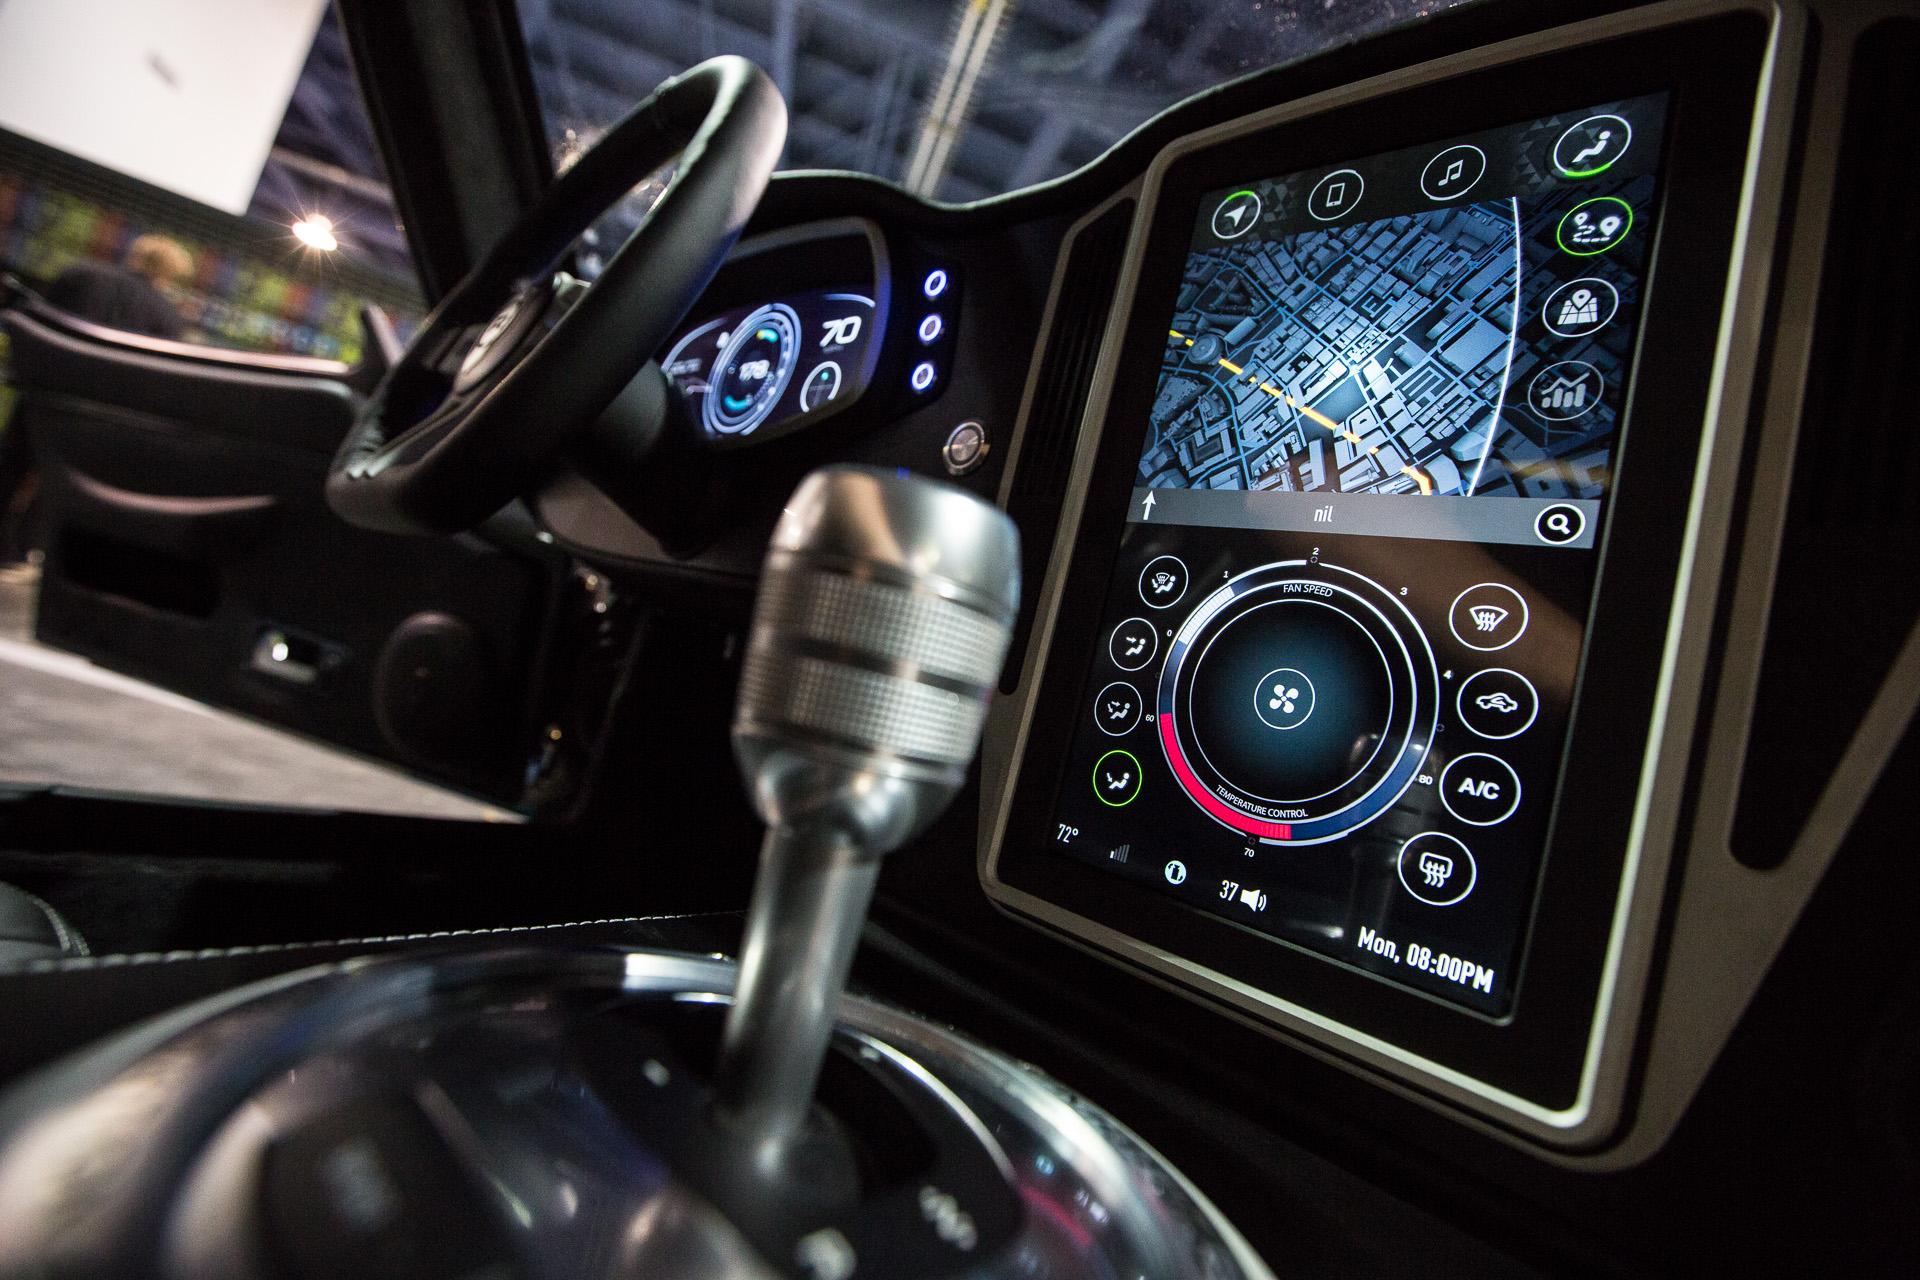 Las automotrices dejan de desarrollar sistemas de navegación propio y se unen a los grandes